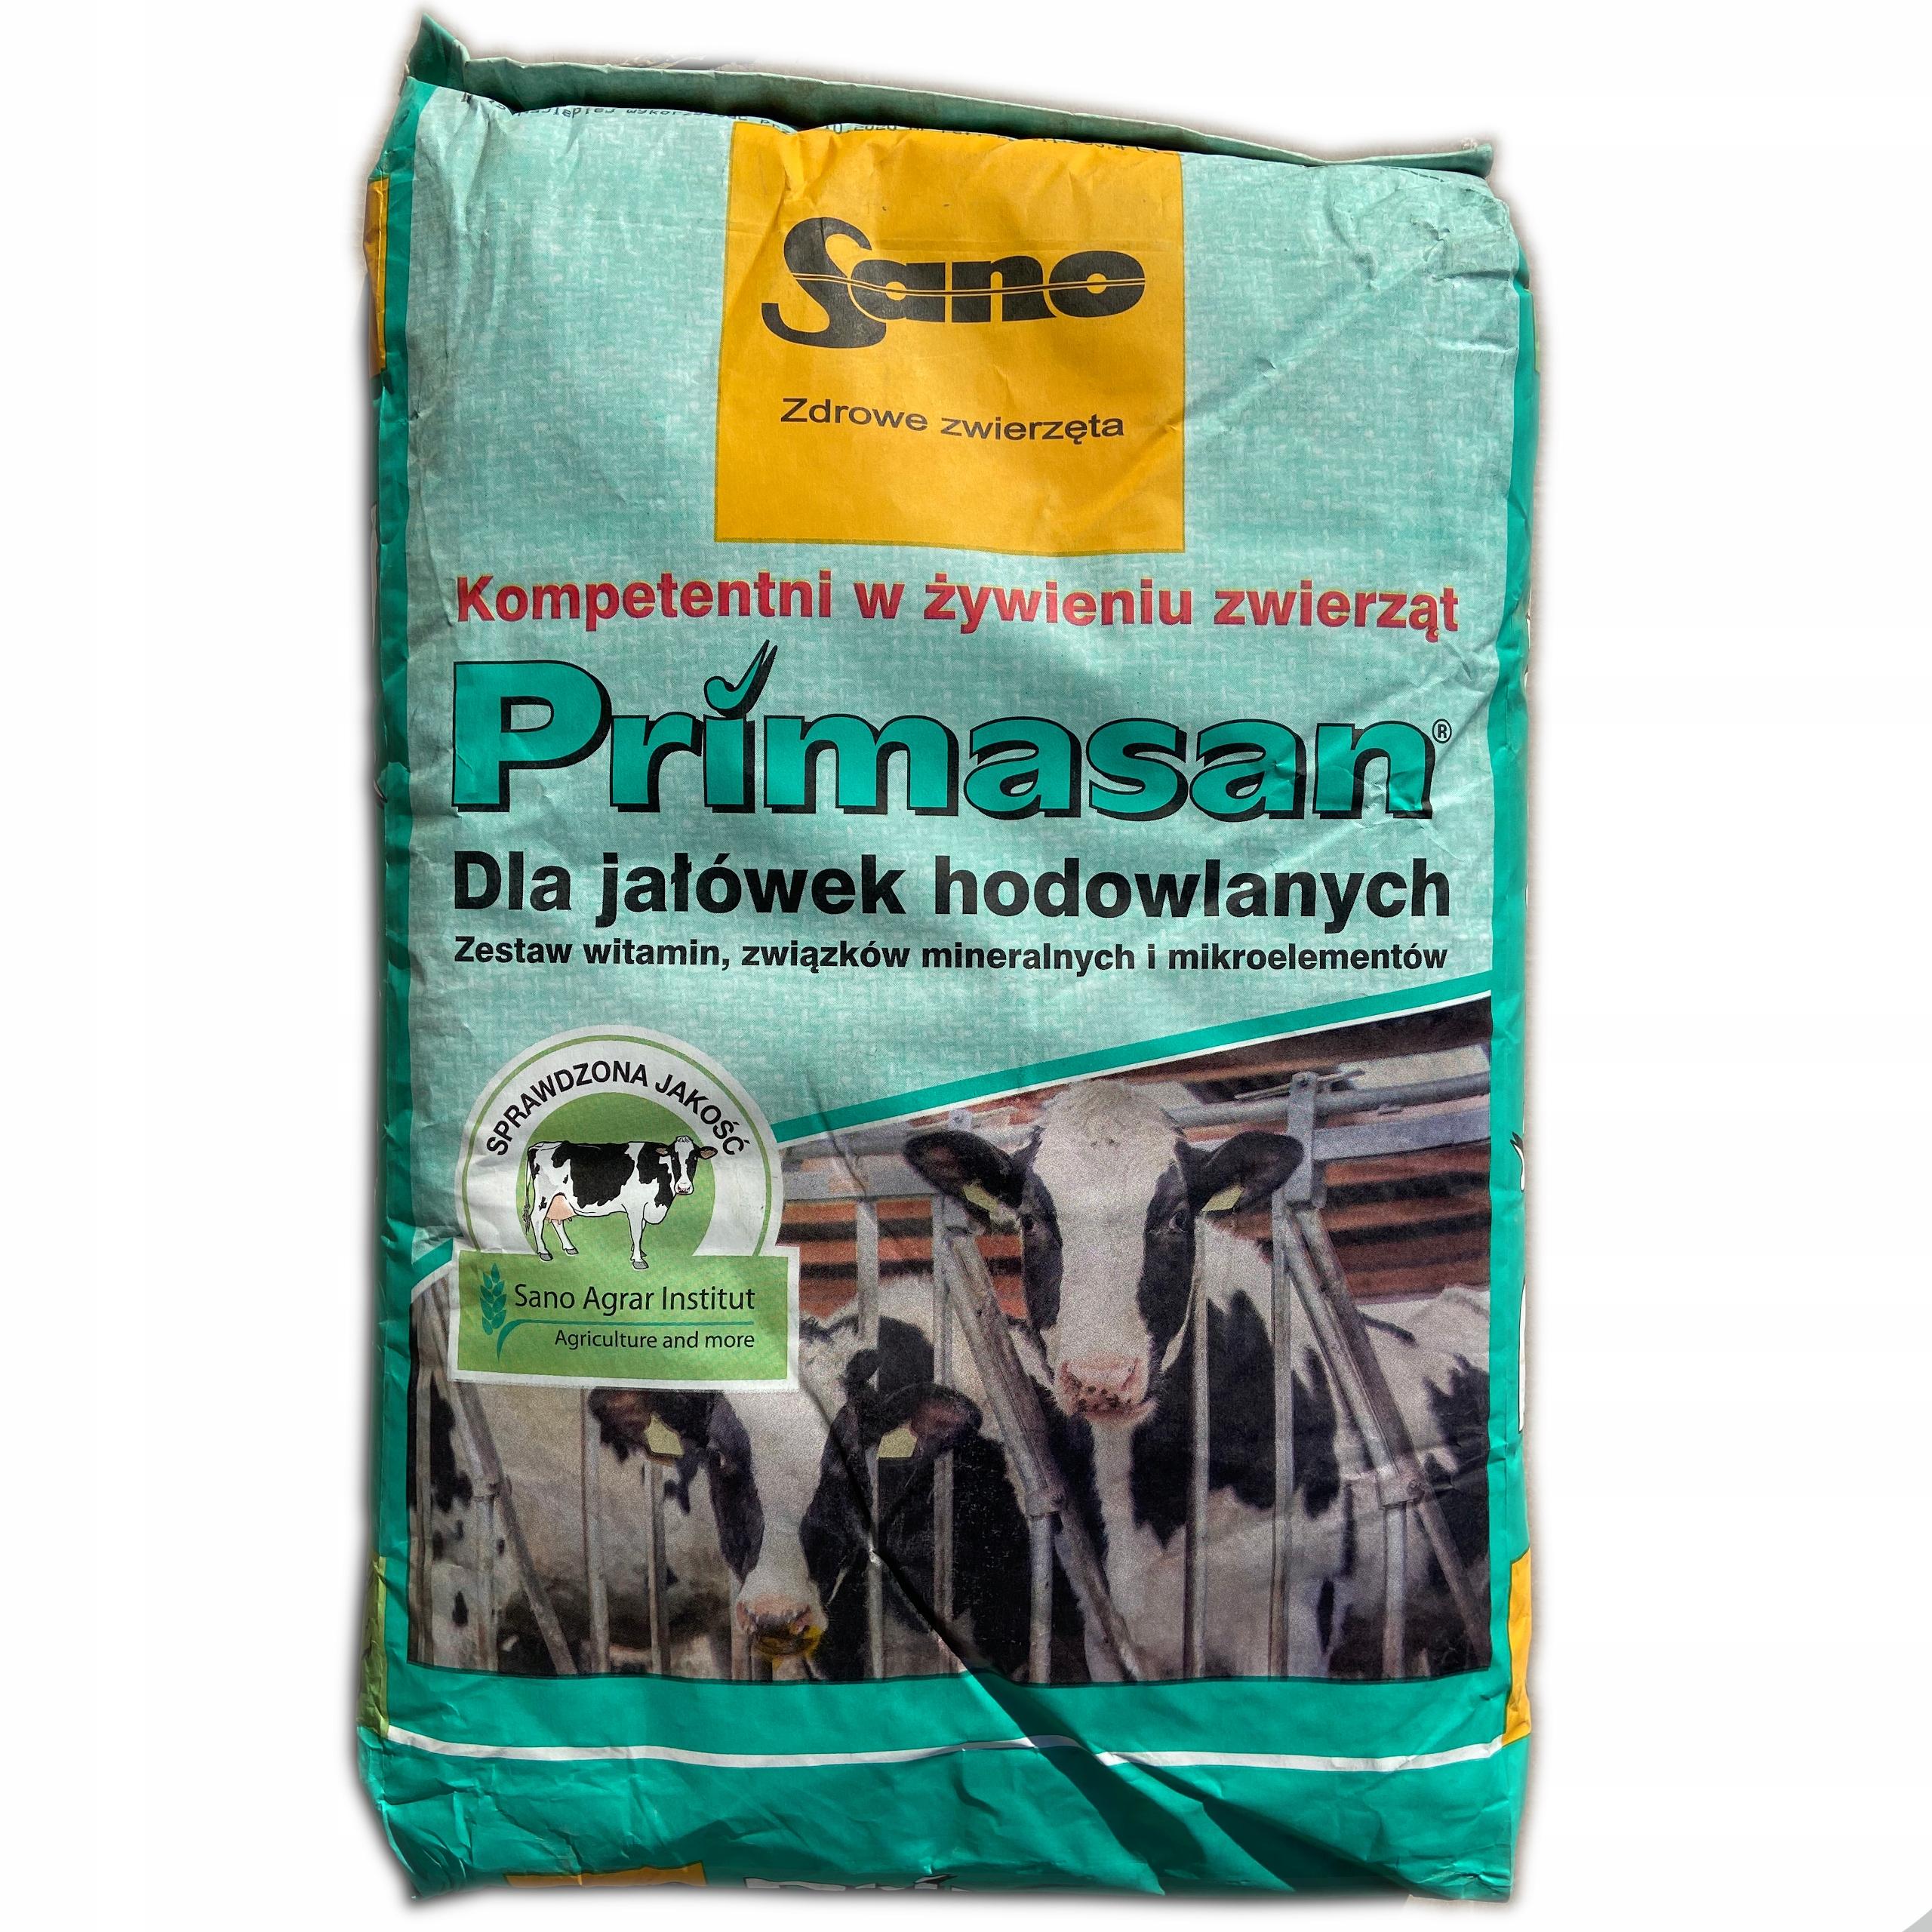 Primasan витамины и минералы для крупного рогатого скота коров телок